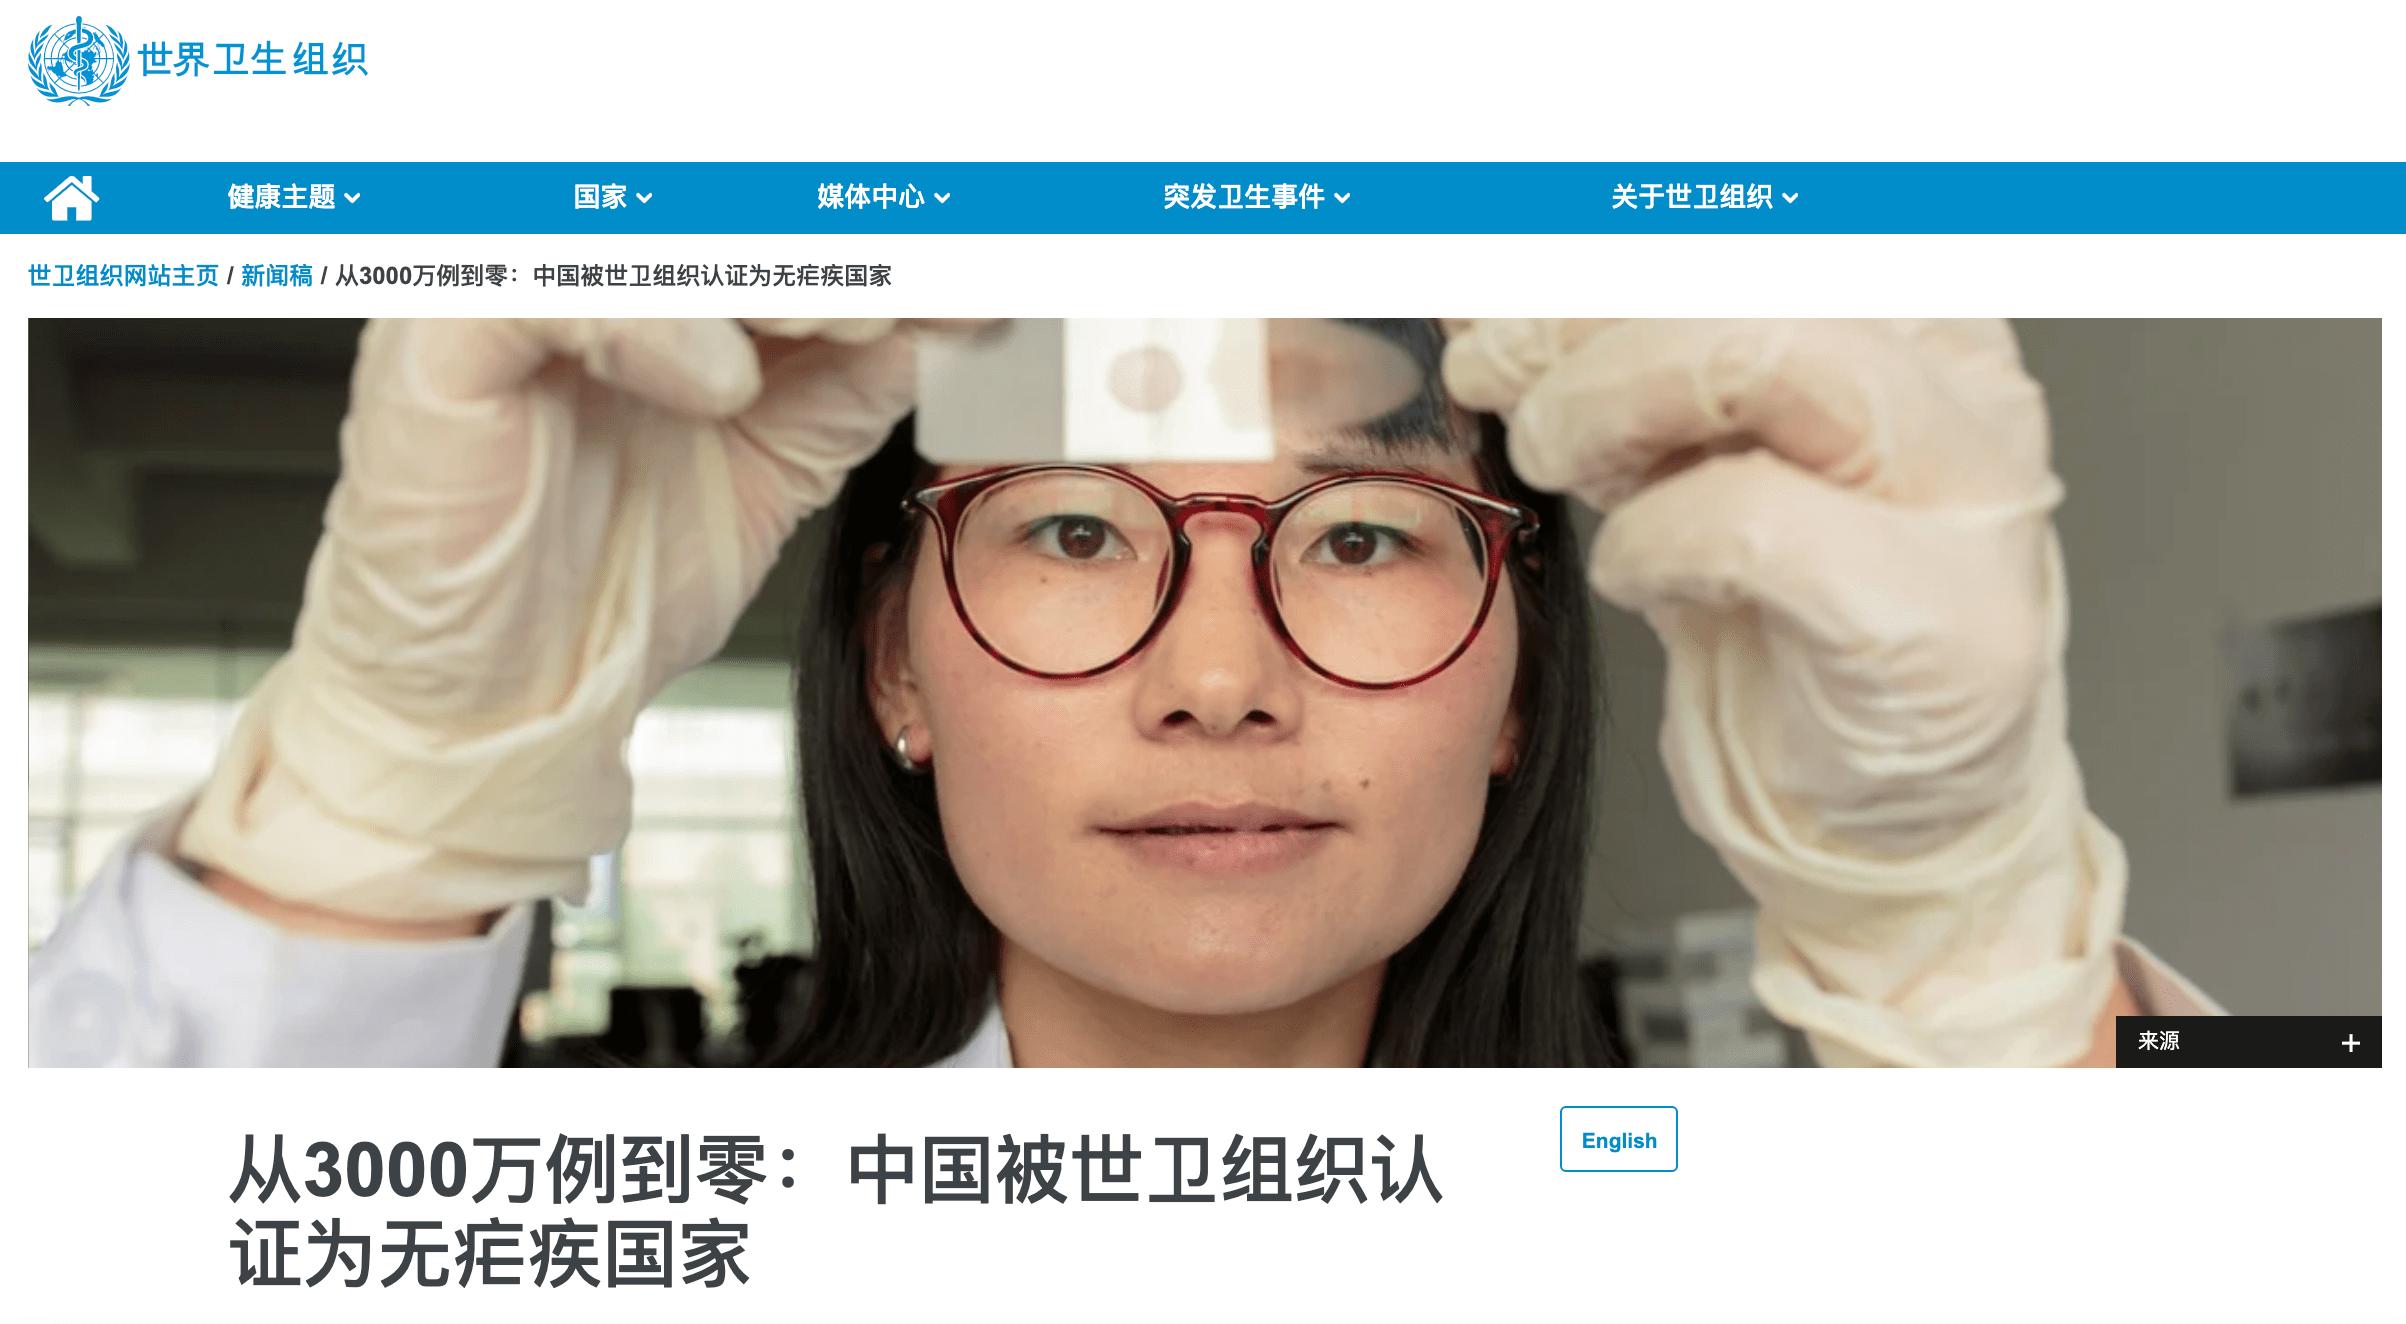 中国被世界卫生组织认证为无疟疾国家